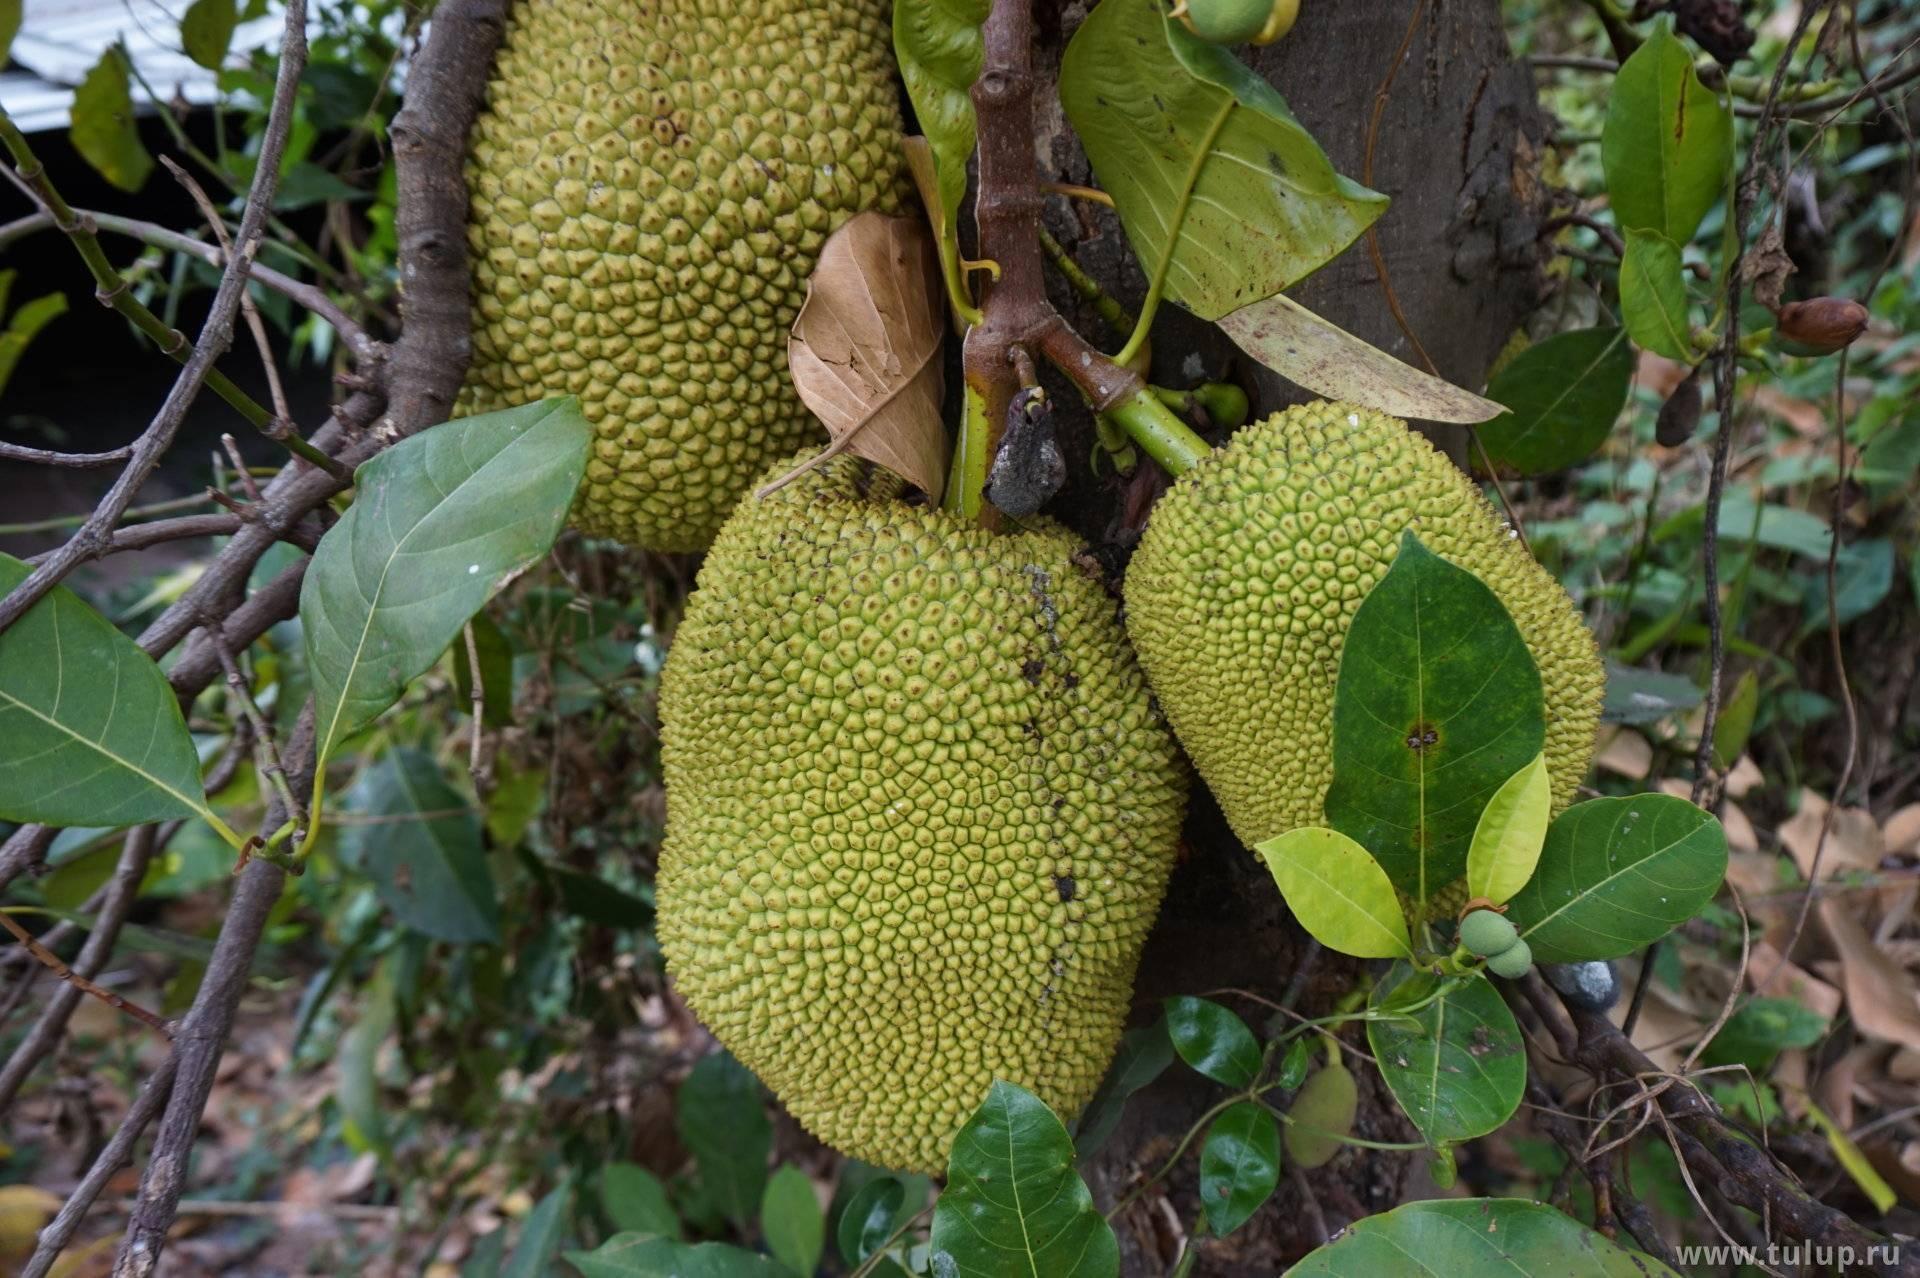 Что такое хлебное дерево, и описание вкуса плодов хлебного дерева